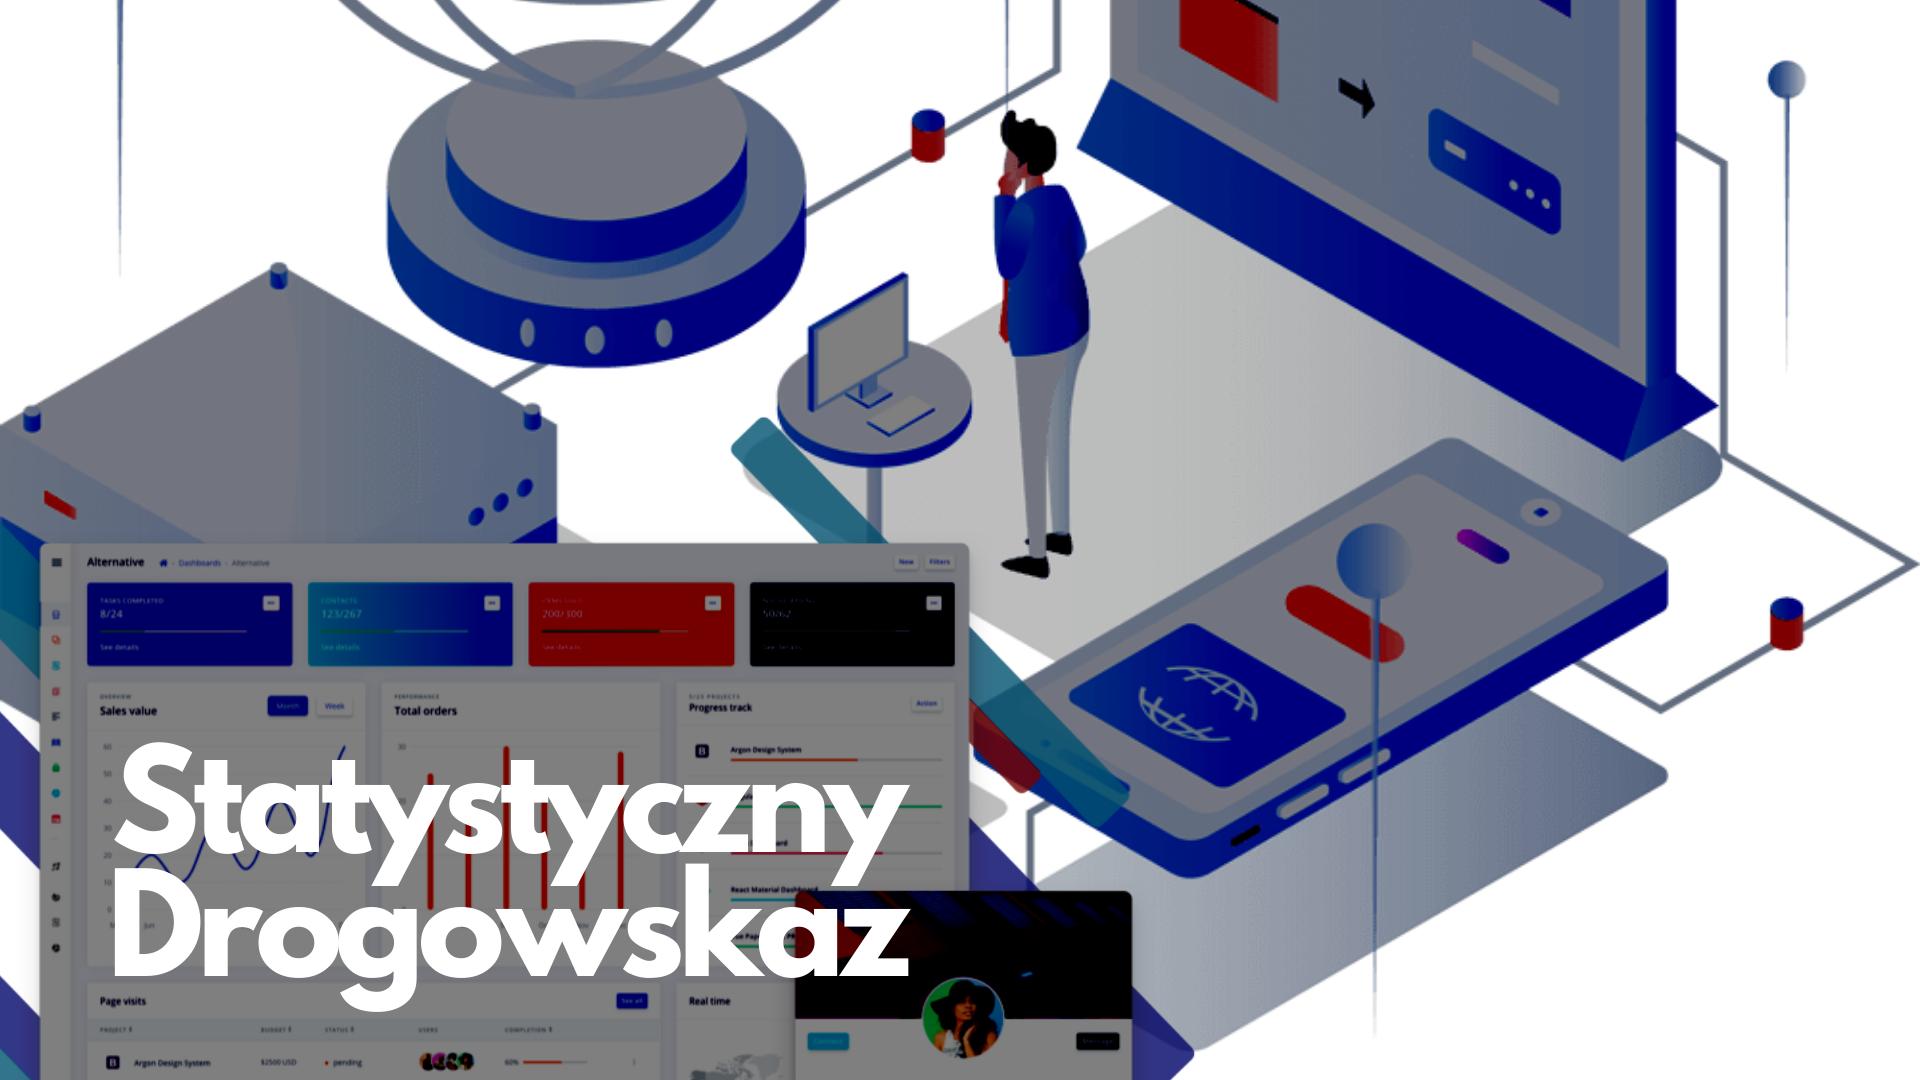 Statystyczny Drogowskaz